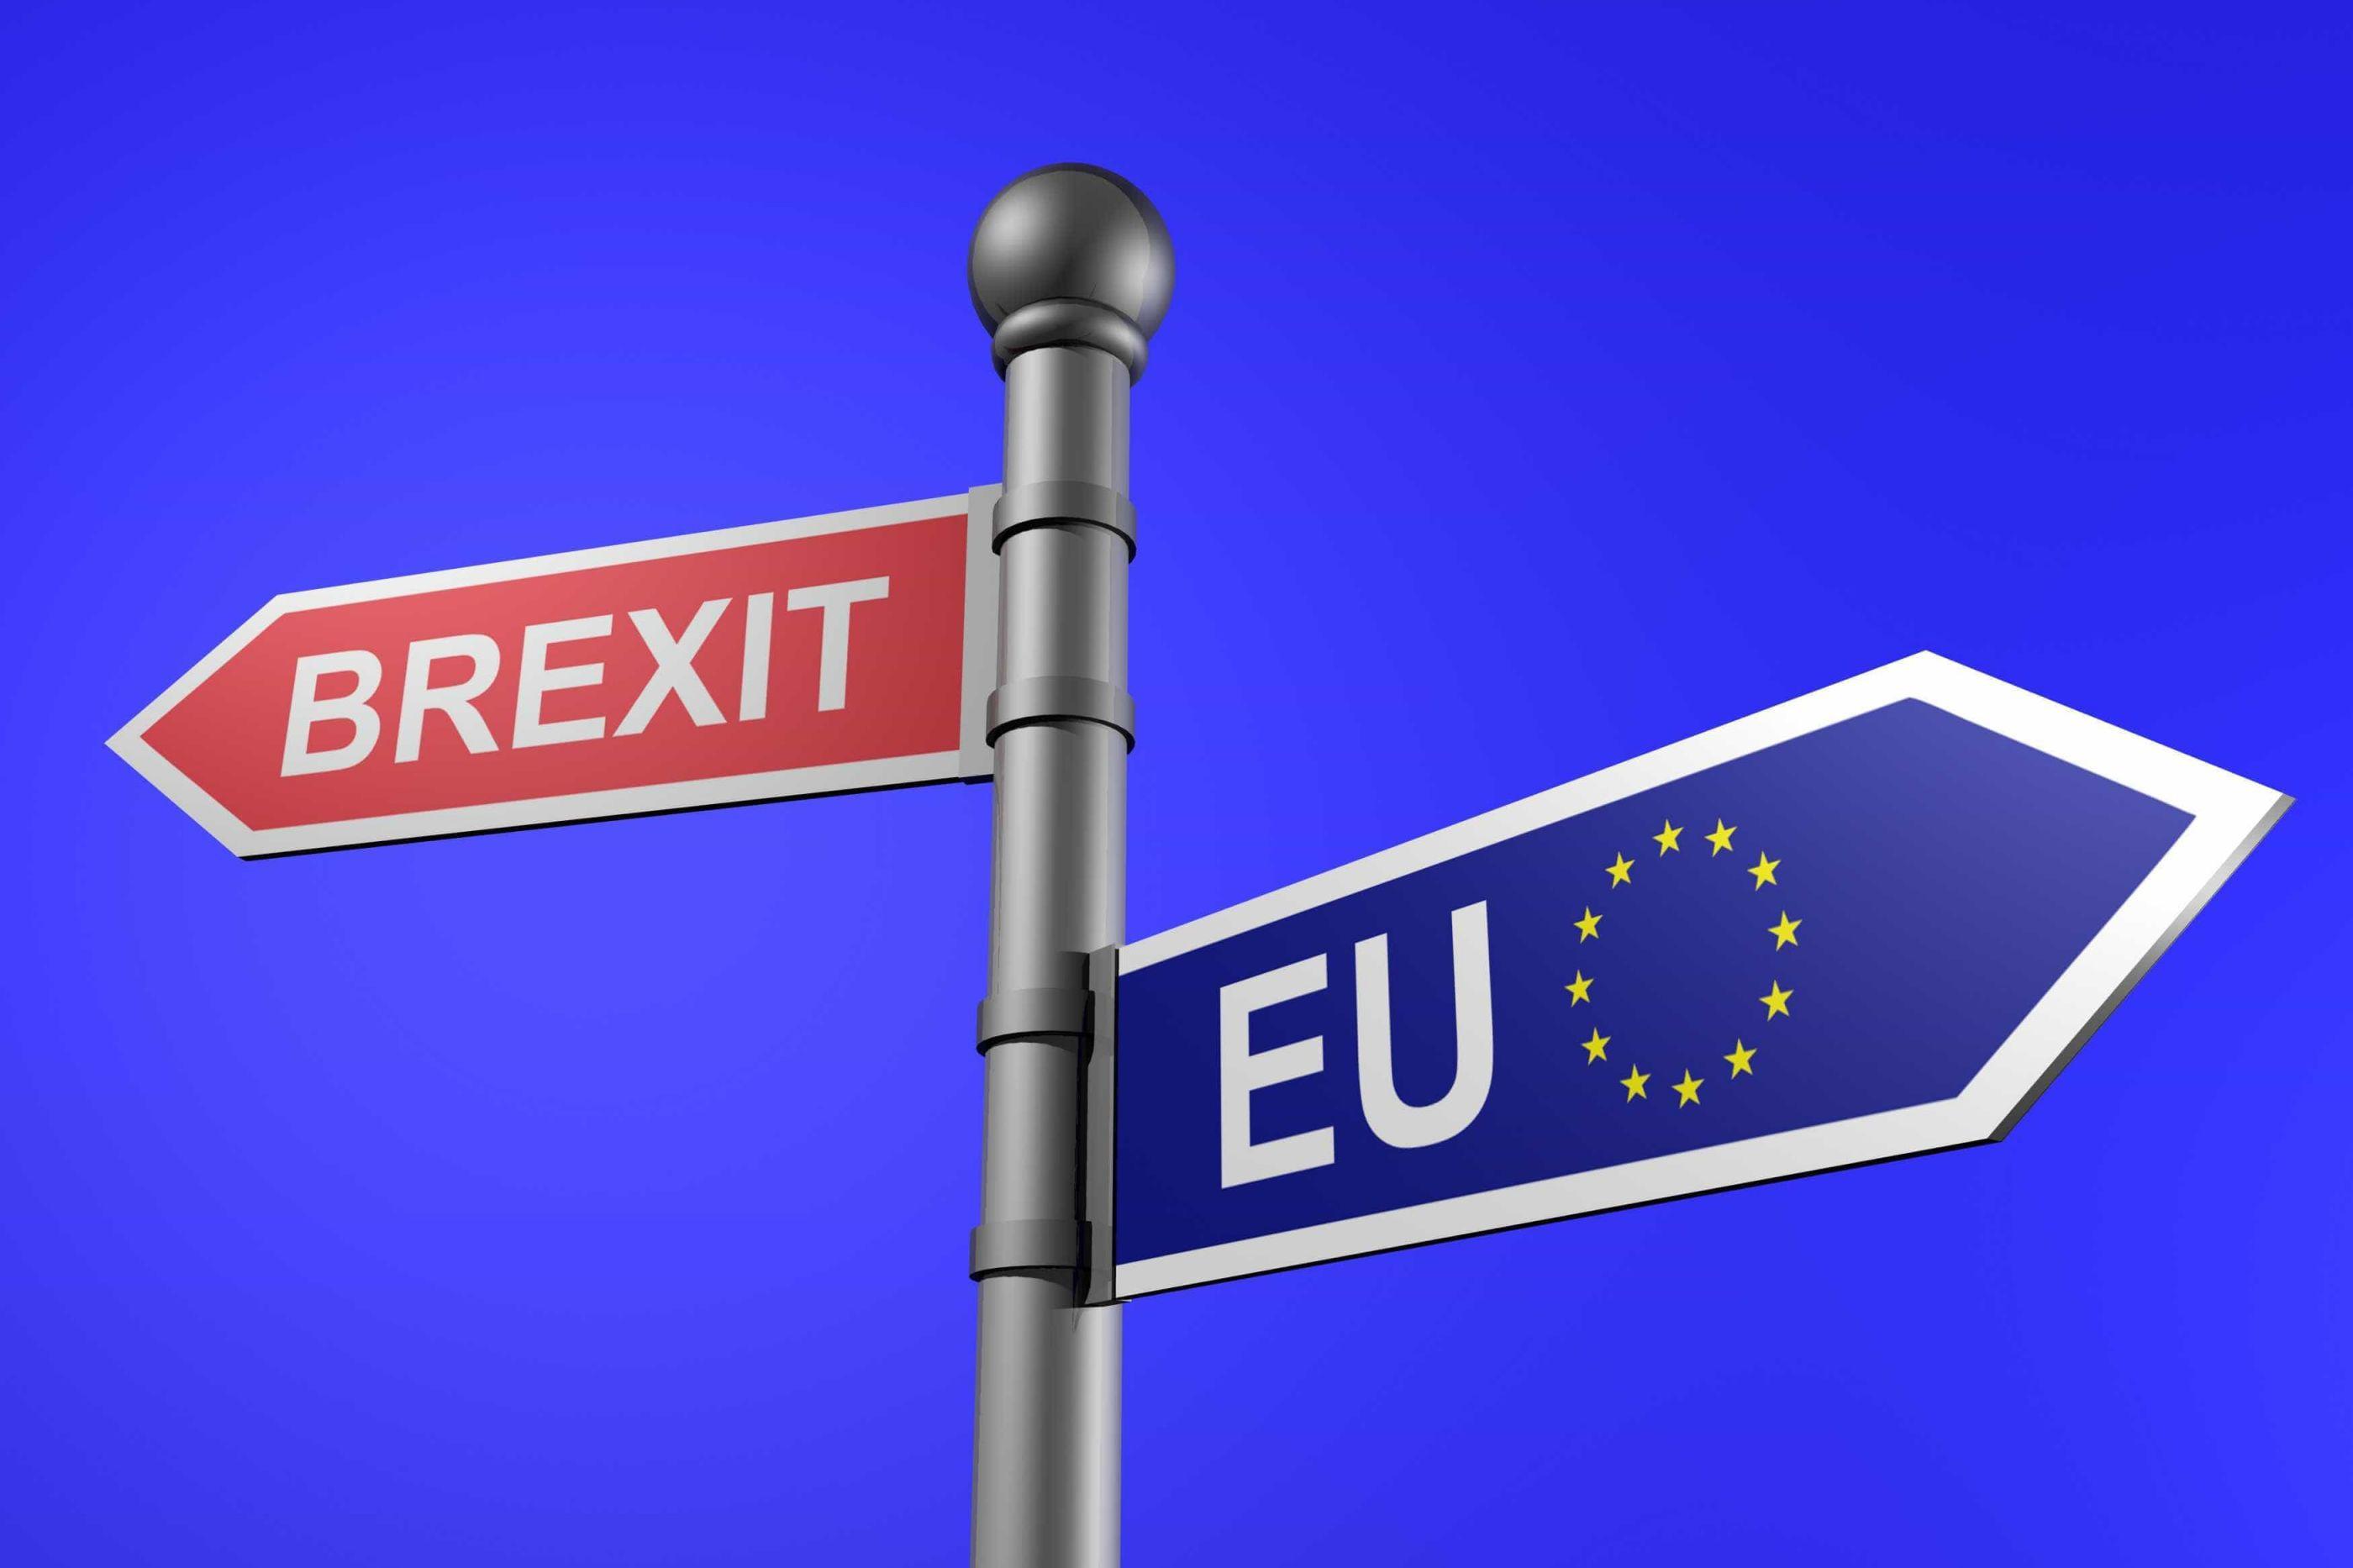 Europeus podem ficar no Reino Unido mesmo sem acordo de saída